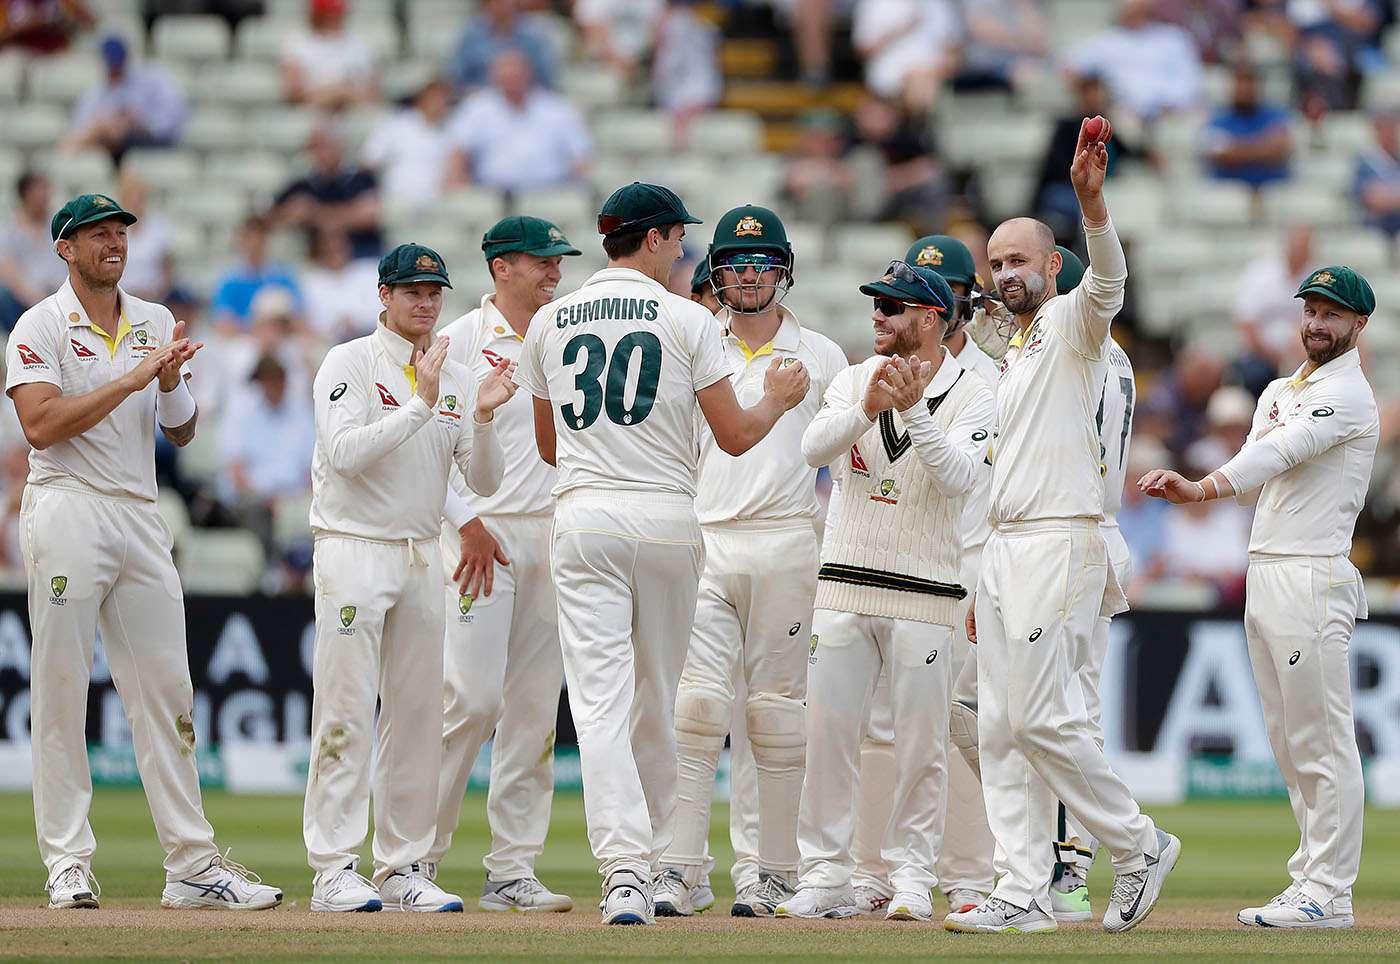 """অস্ট্রেলিয়ার সাথে """" ওয়াল্ড টেস্ট চ্যাম্পিয়ানশিপ"""" এর পয়েন্ট টেবিলে সমানে সমানে ইংল্যান্ড 1"""